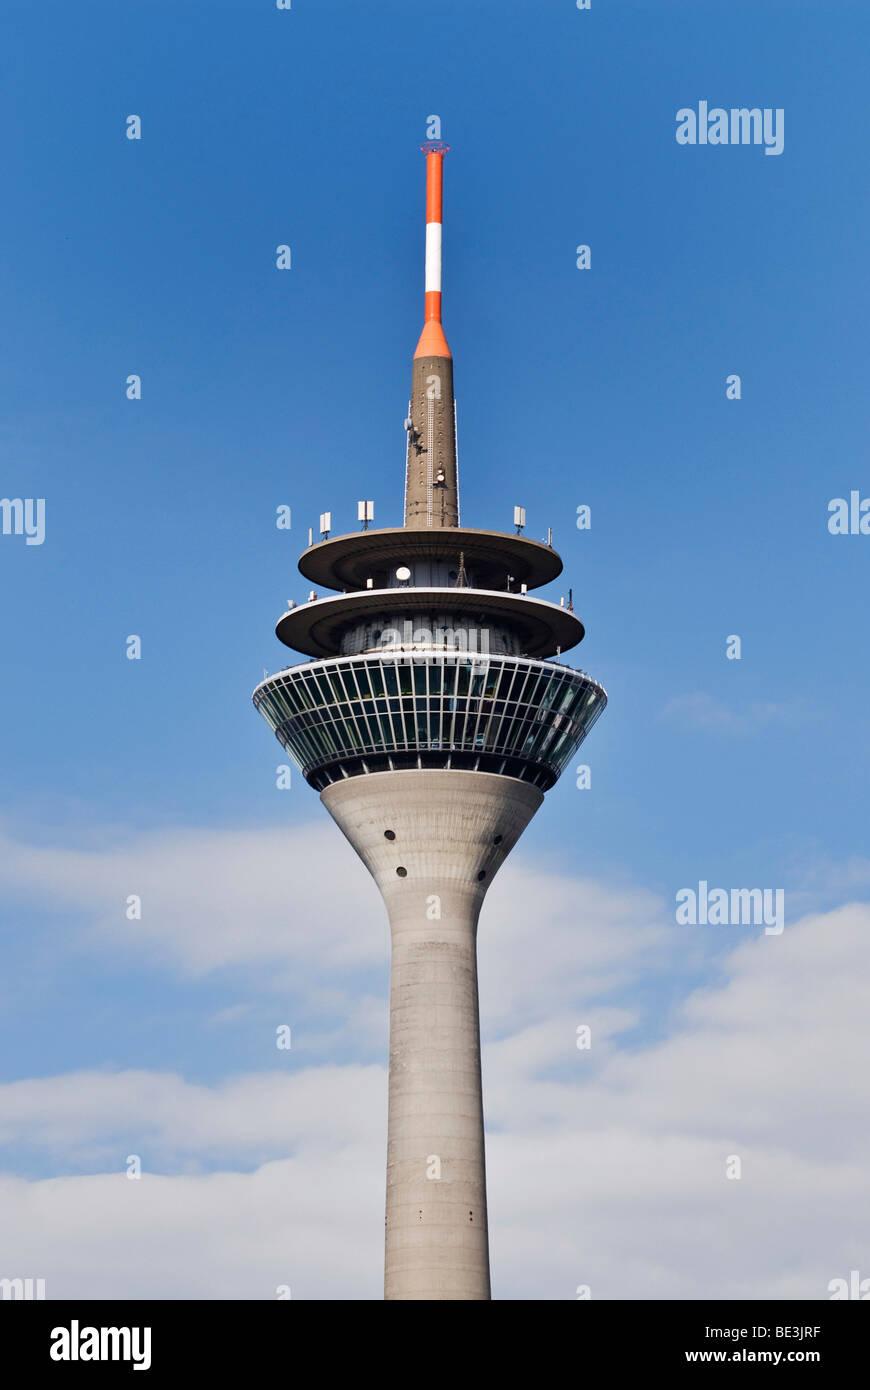 Rheinturm Turm, Restaurant, Aussichtsplattform und Antennen auf dem Turm, Düsseldorf, Nordrhein-Westfalen, Stockbild